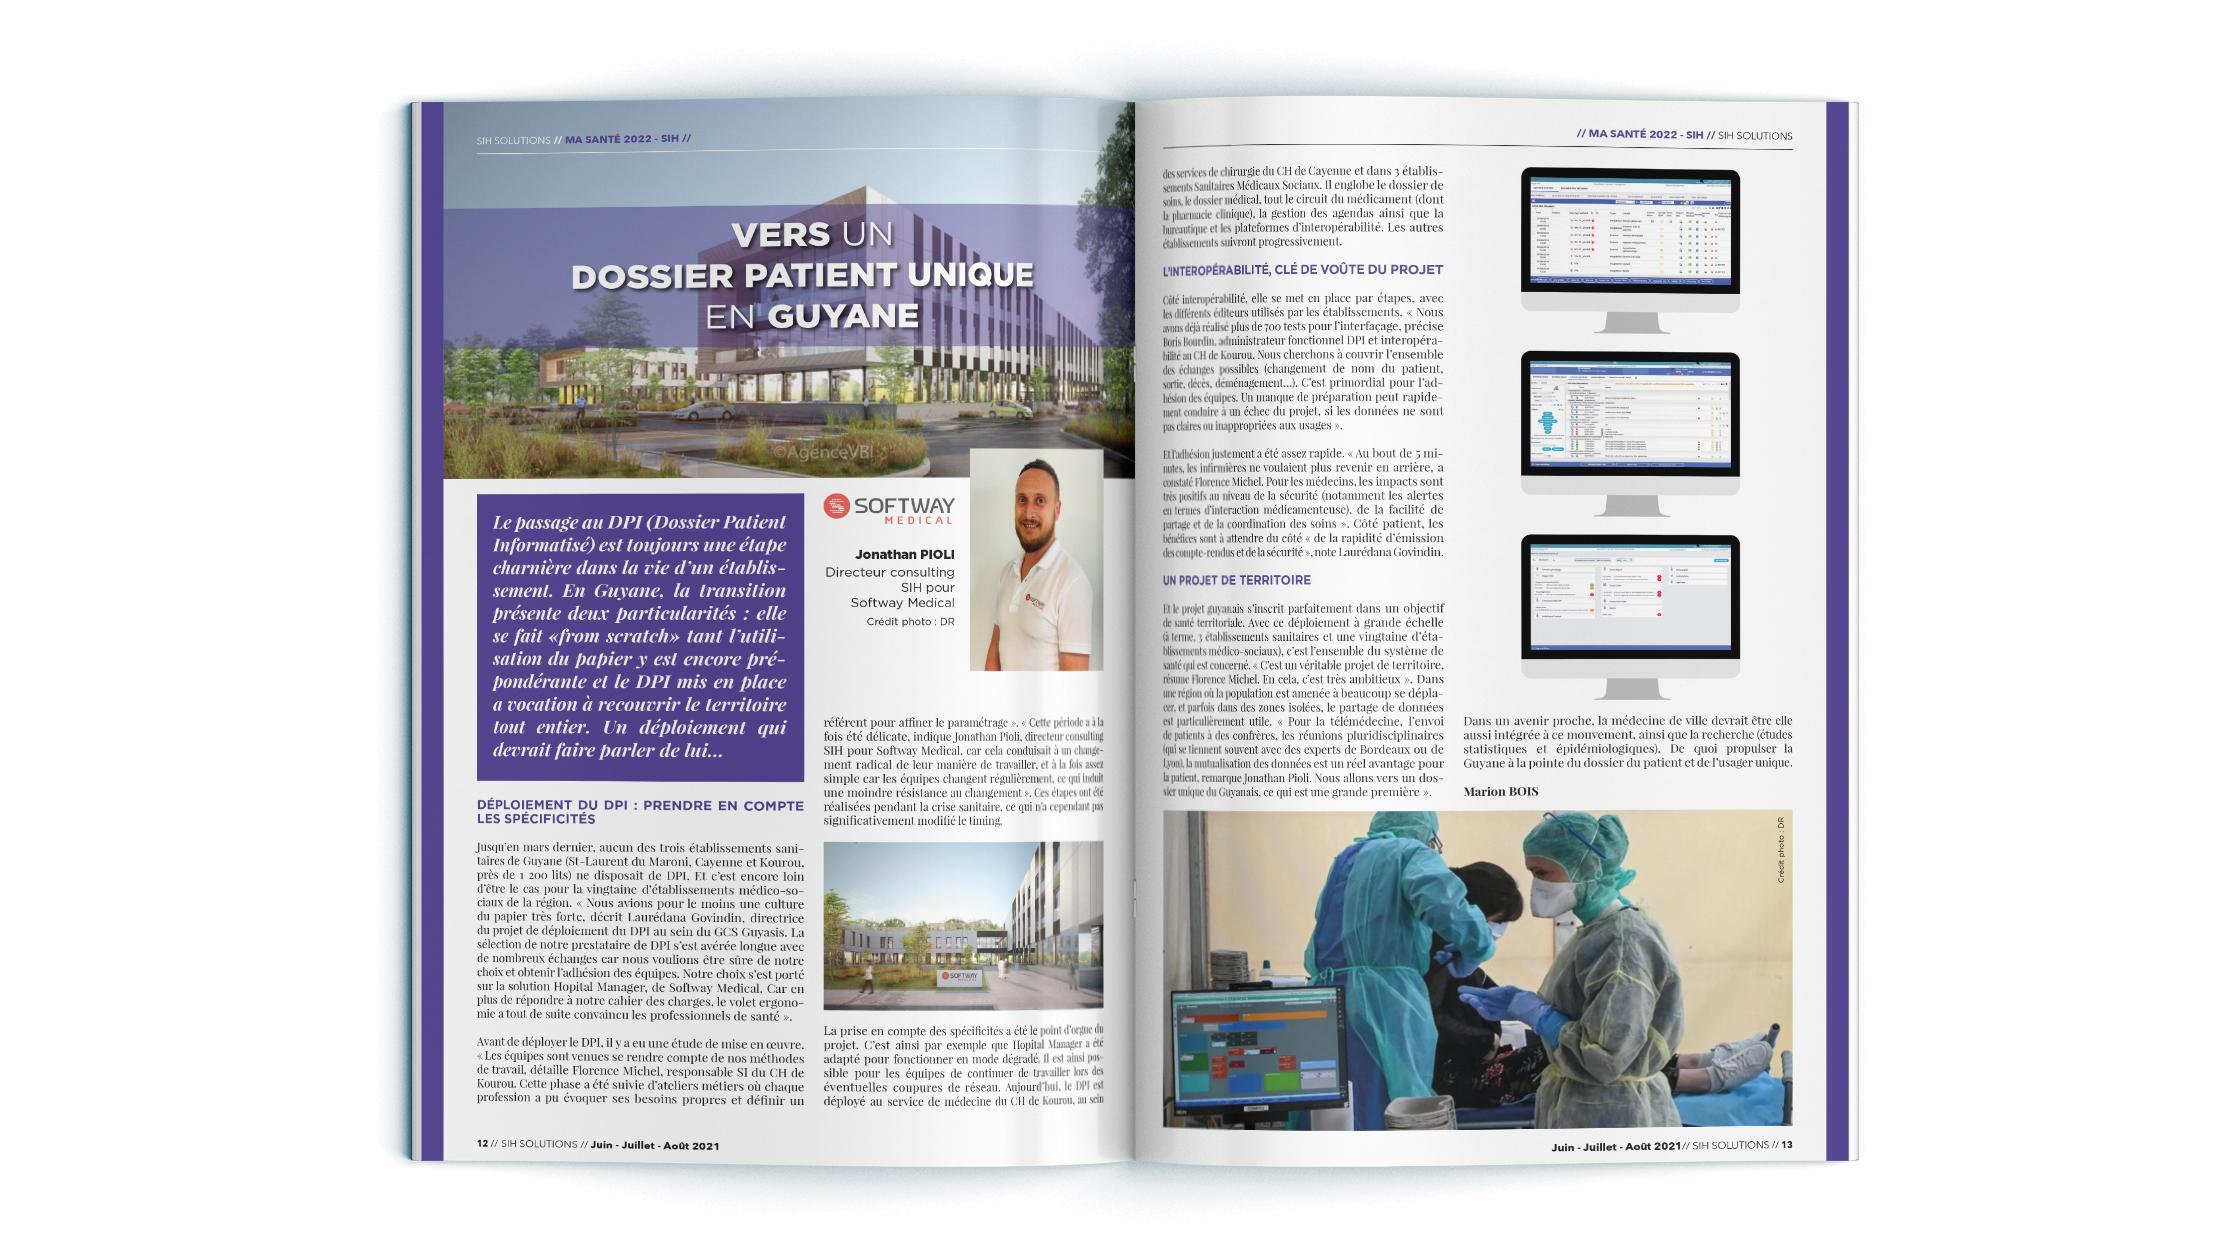 VERS UN DOSSIER PATIENT UNIQUE EN GUYANE : L'interview exclusive de notre Directeur consulting dans SIH Solutions